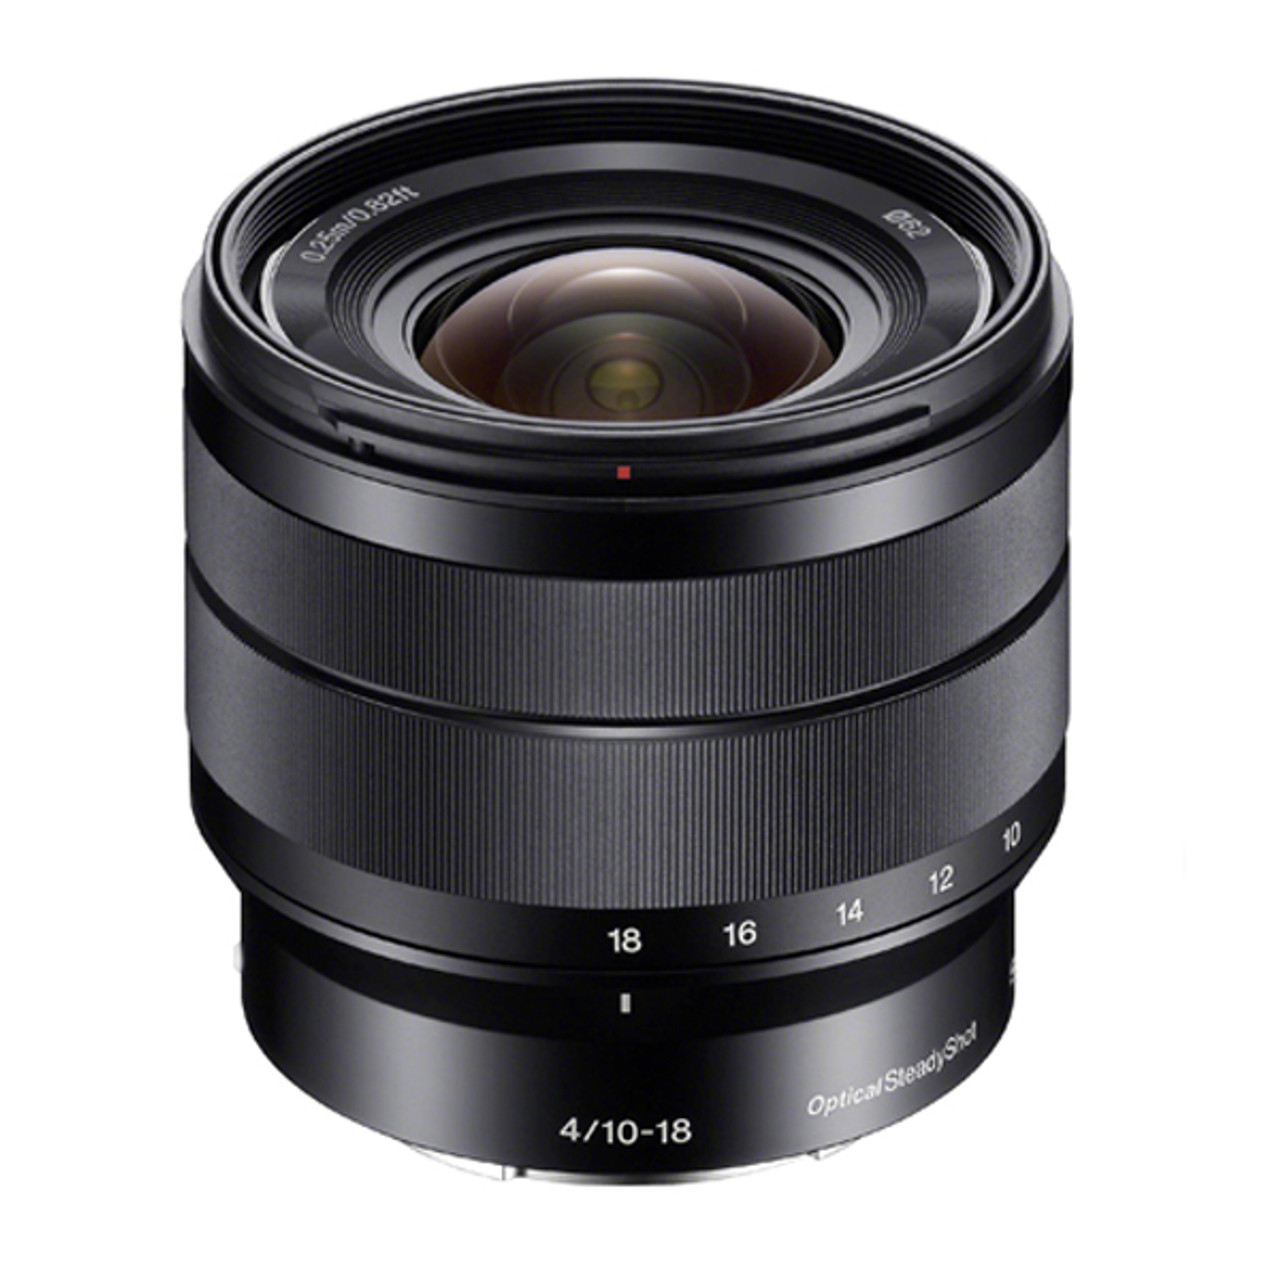 Sony SEL 10-18mm F4 OSS